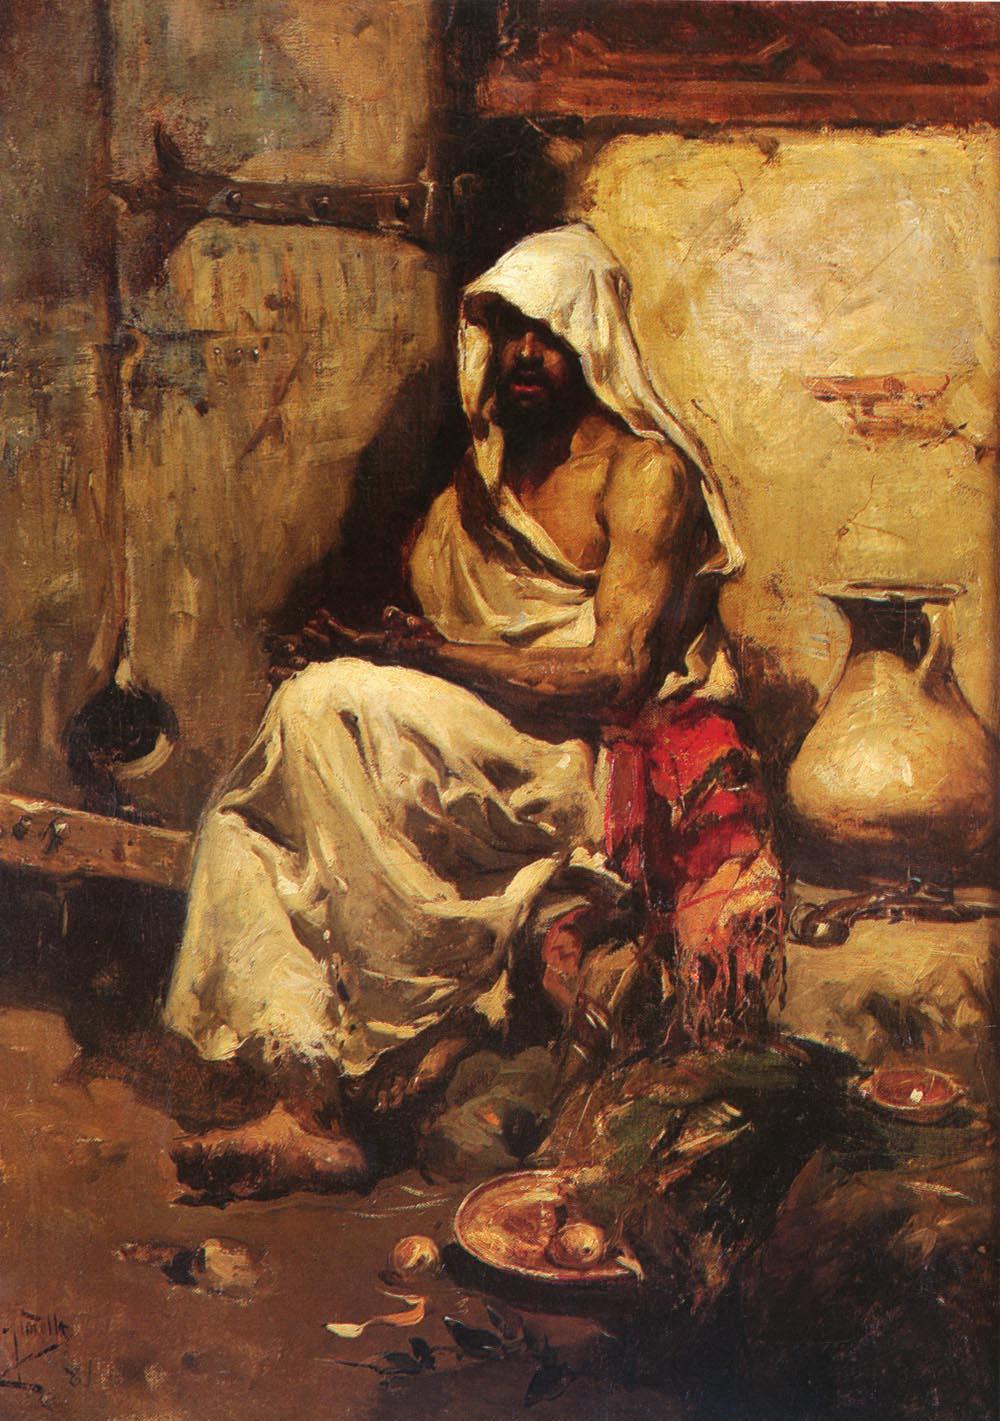 Un Arabe Examinando Una Pistola | Joaquin Y Bastida Sorolla | oil painting